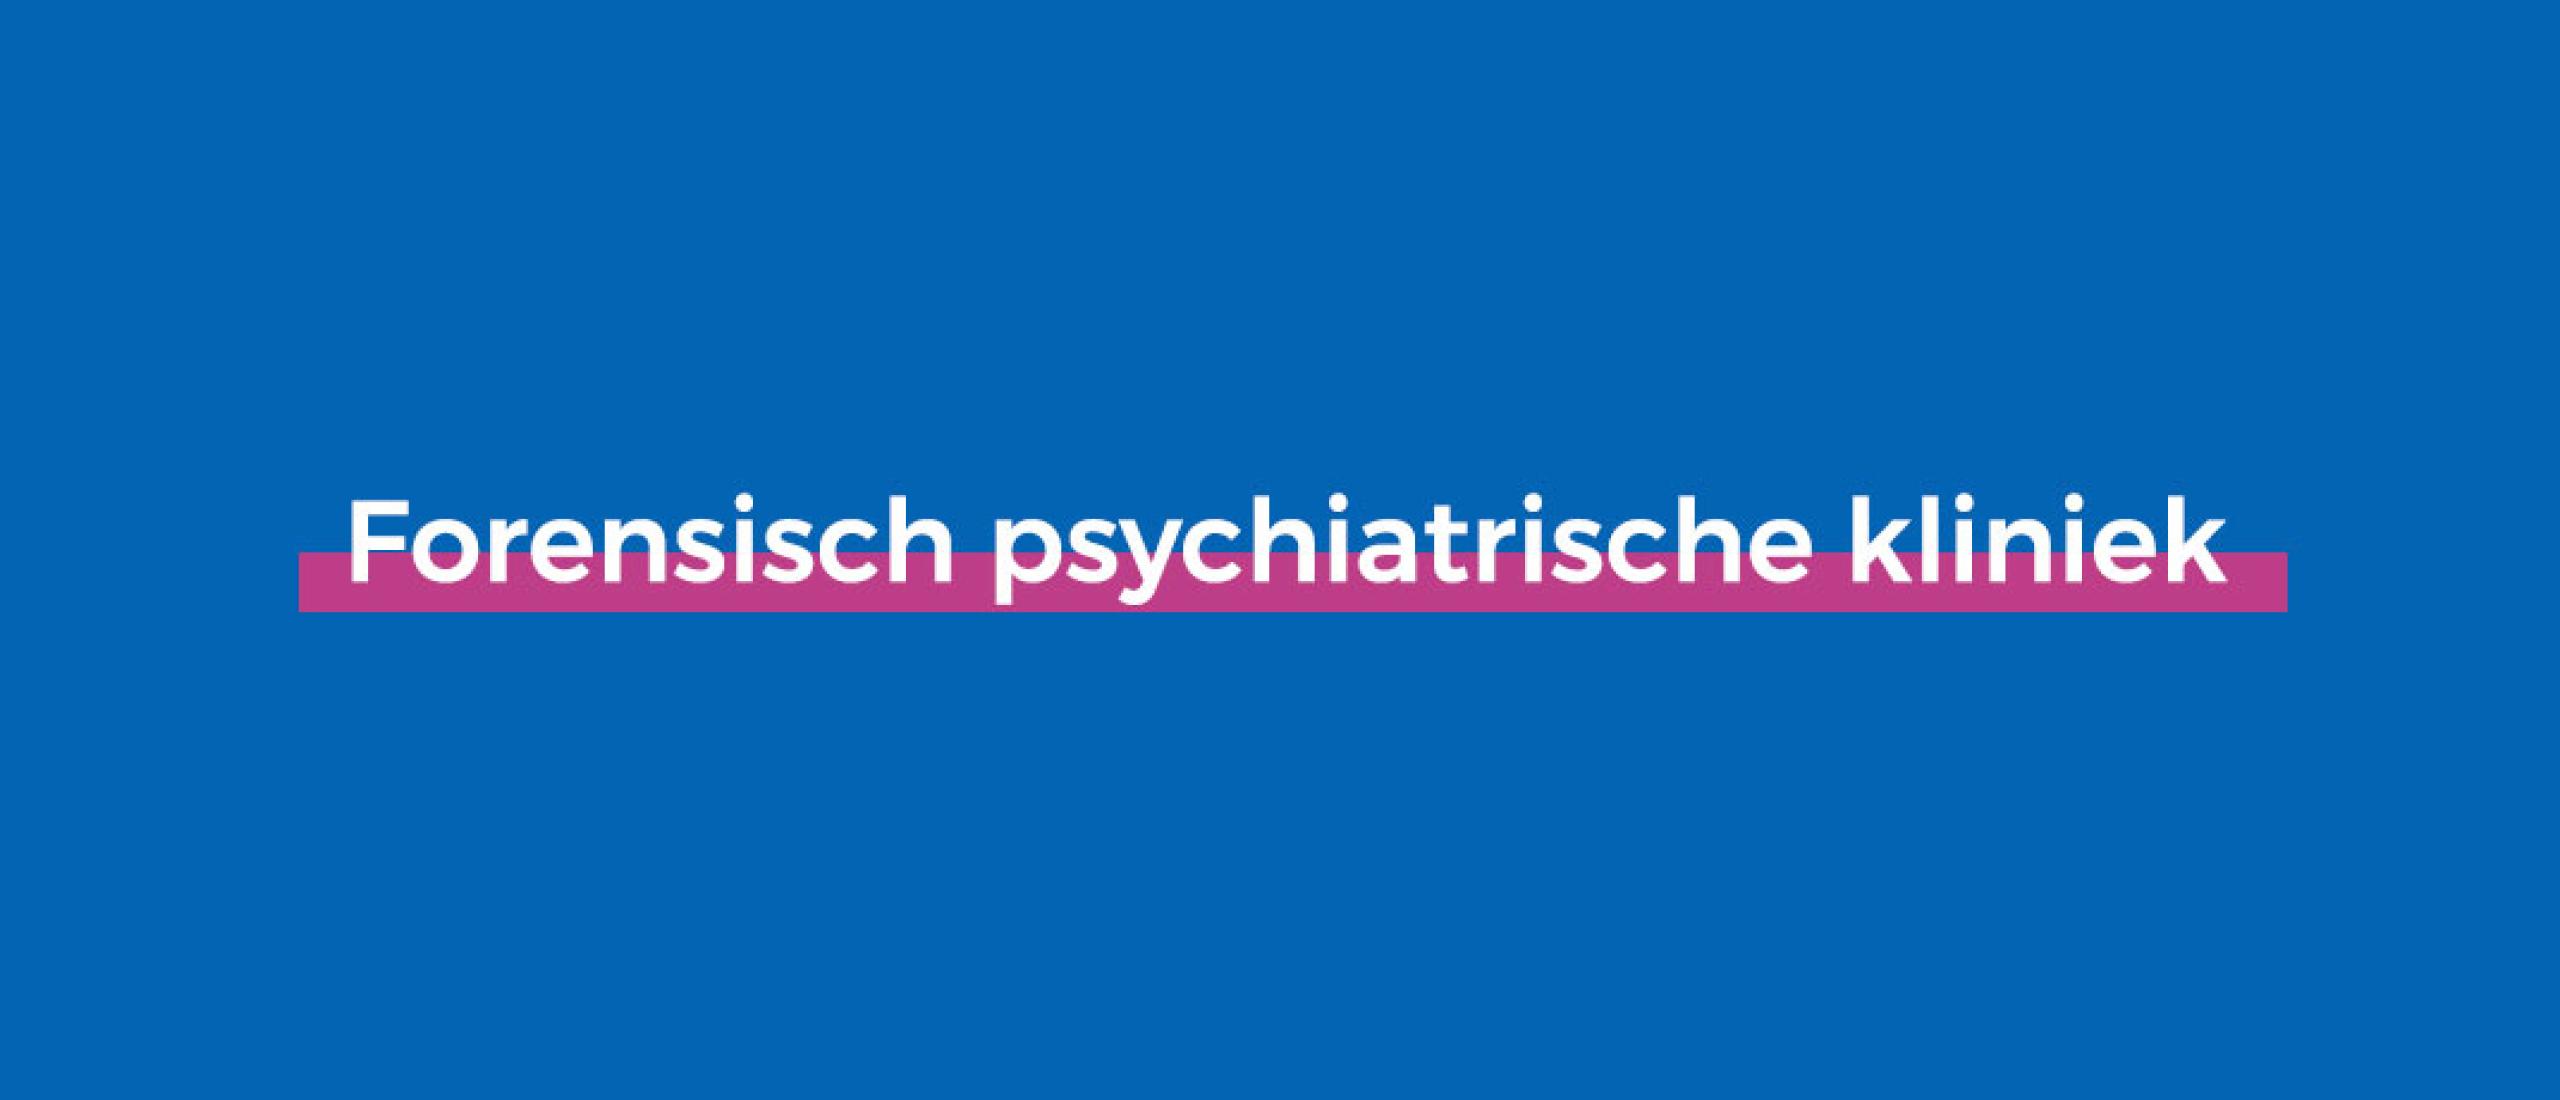 forensisch psychiatrische kliniek